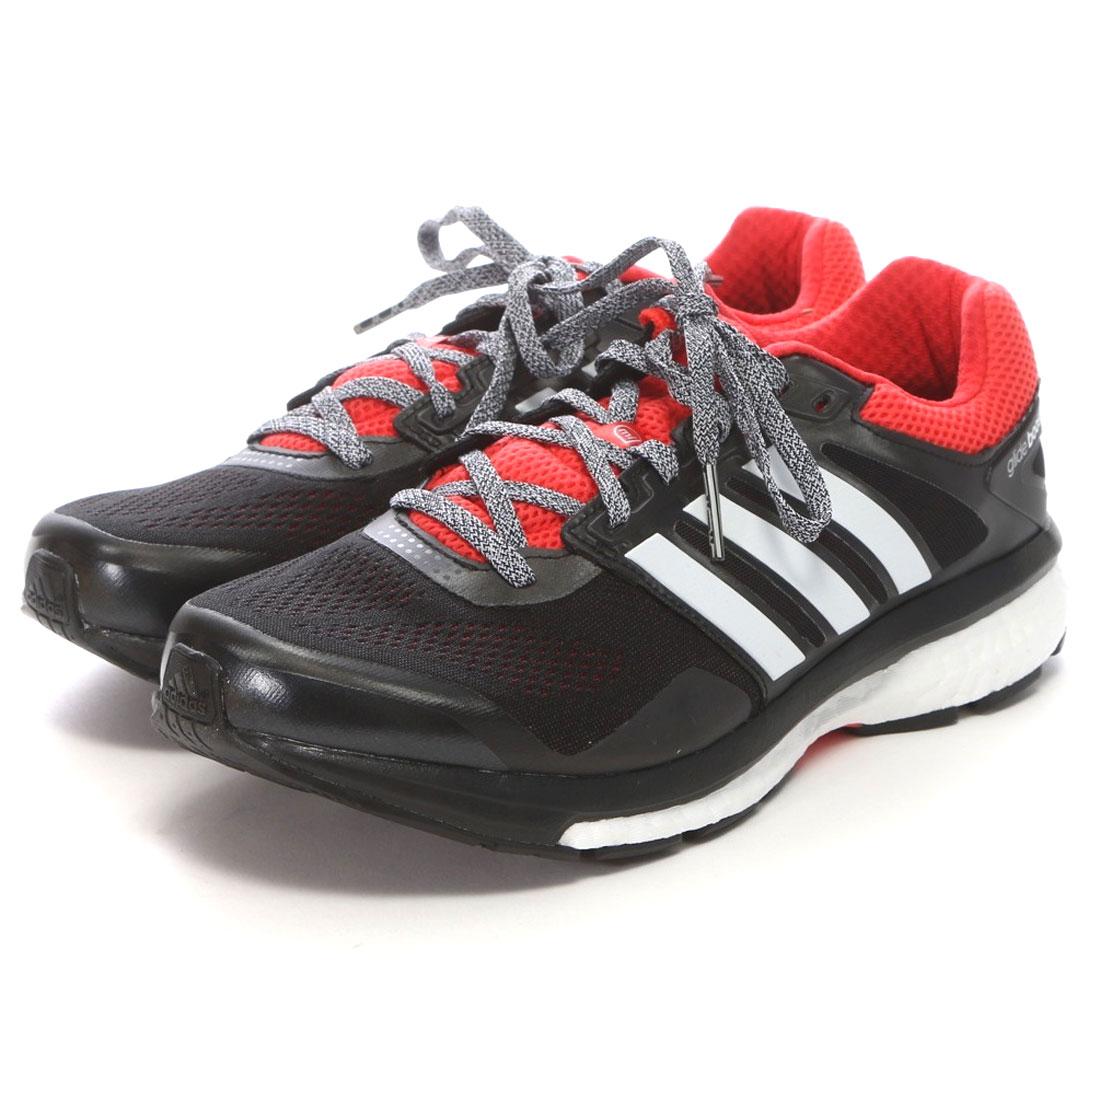 アディダス adidas ランニングシューズ エスノバ グライド ブースト 2 B40269 ブラック 4527